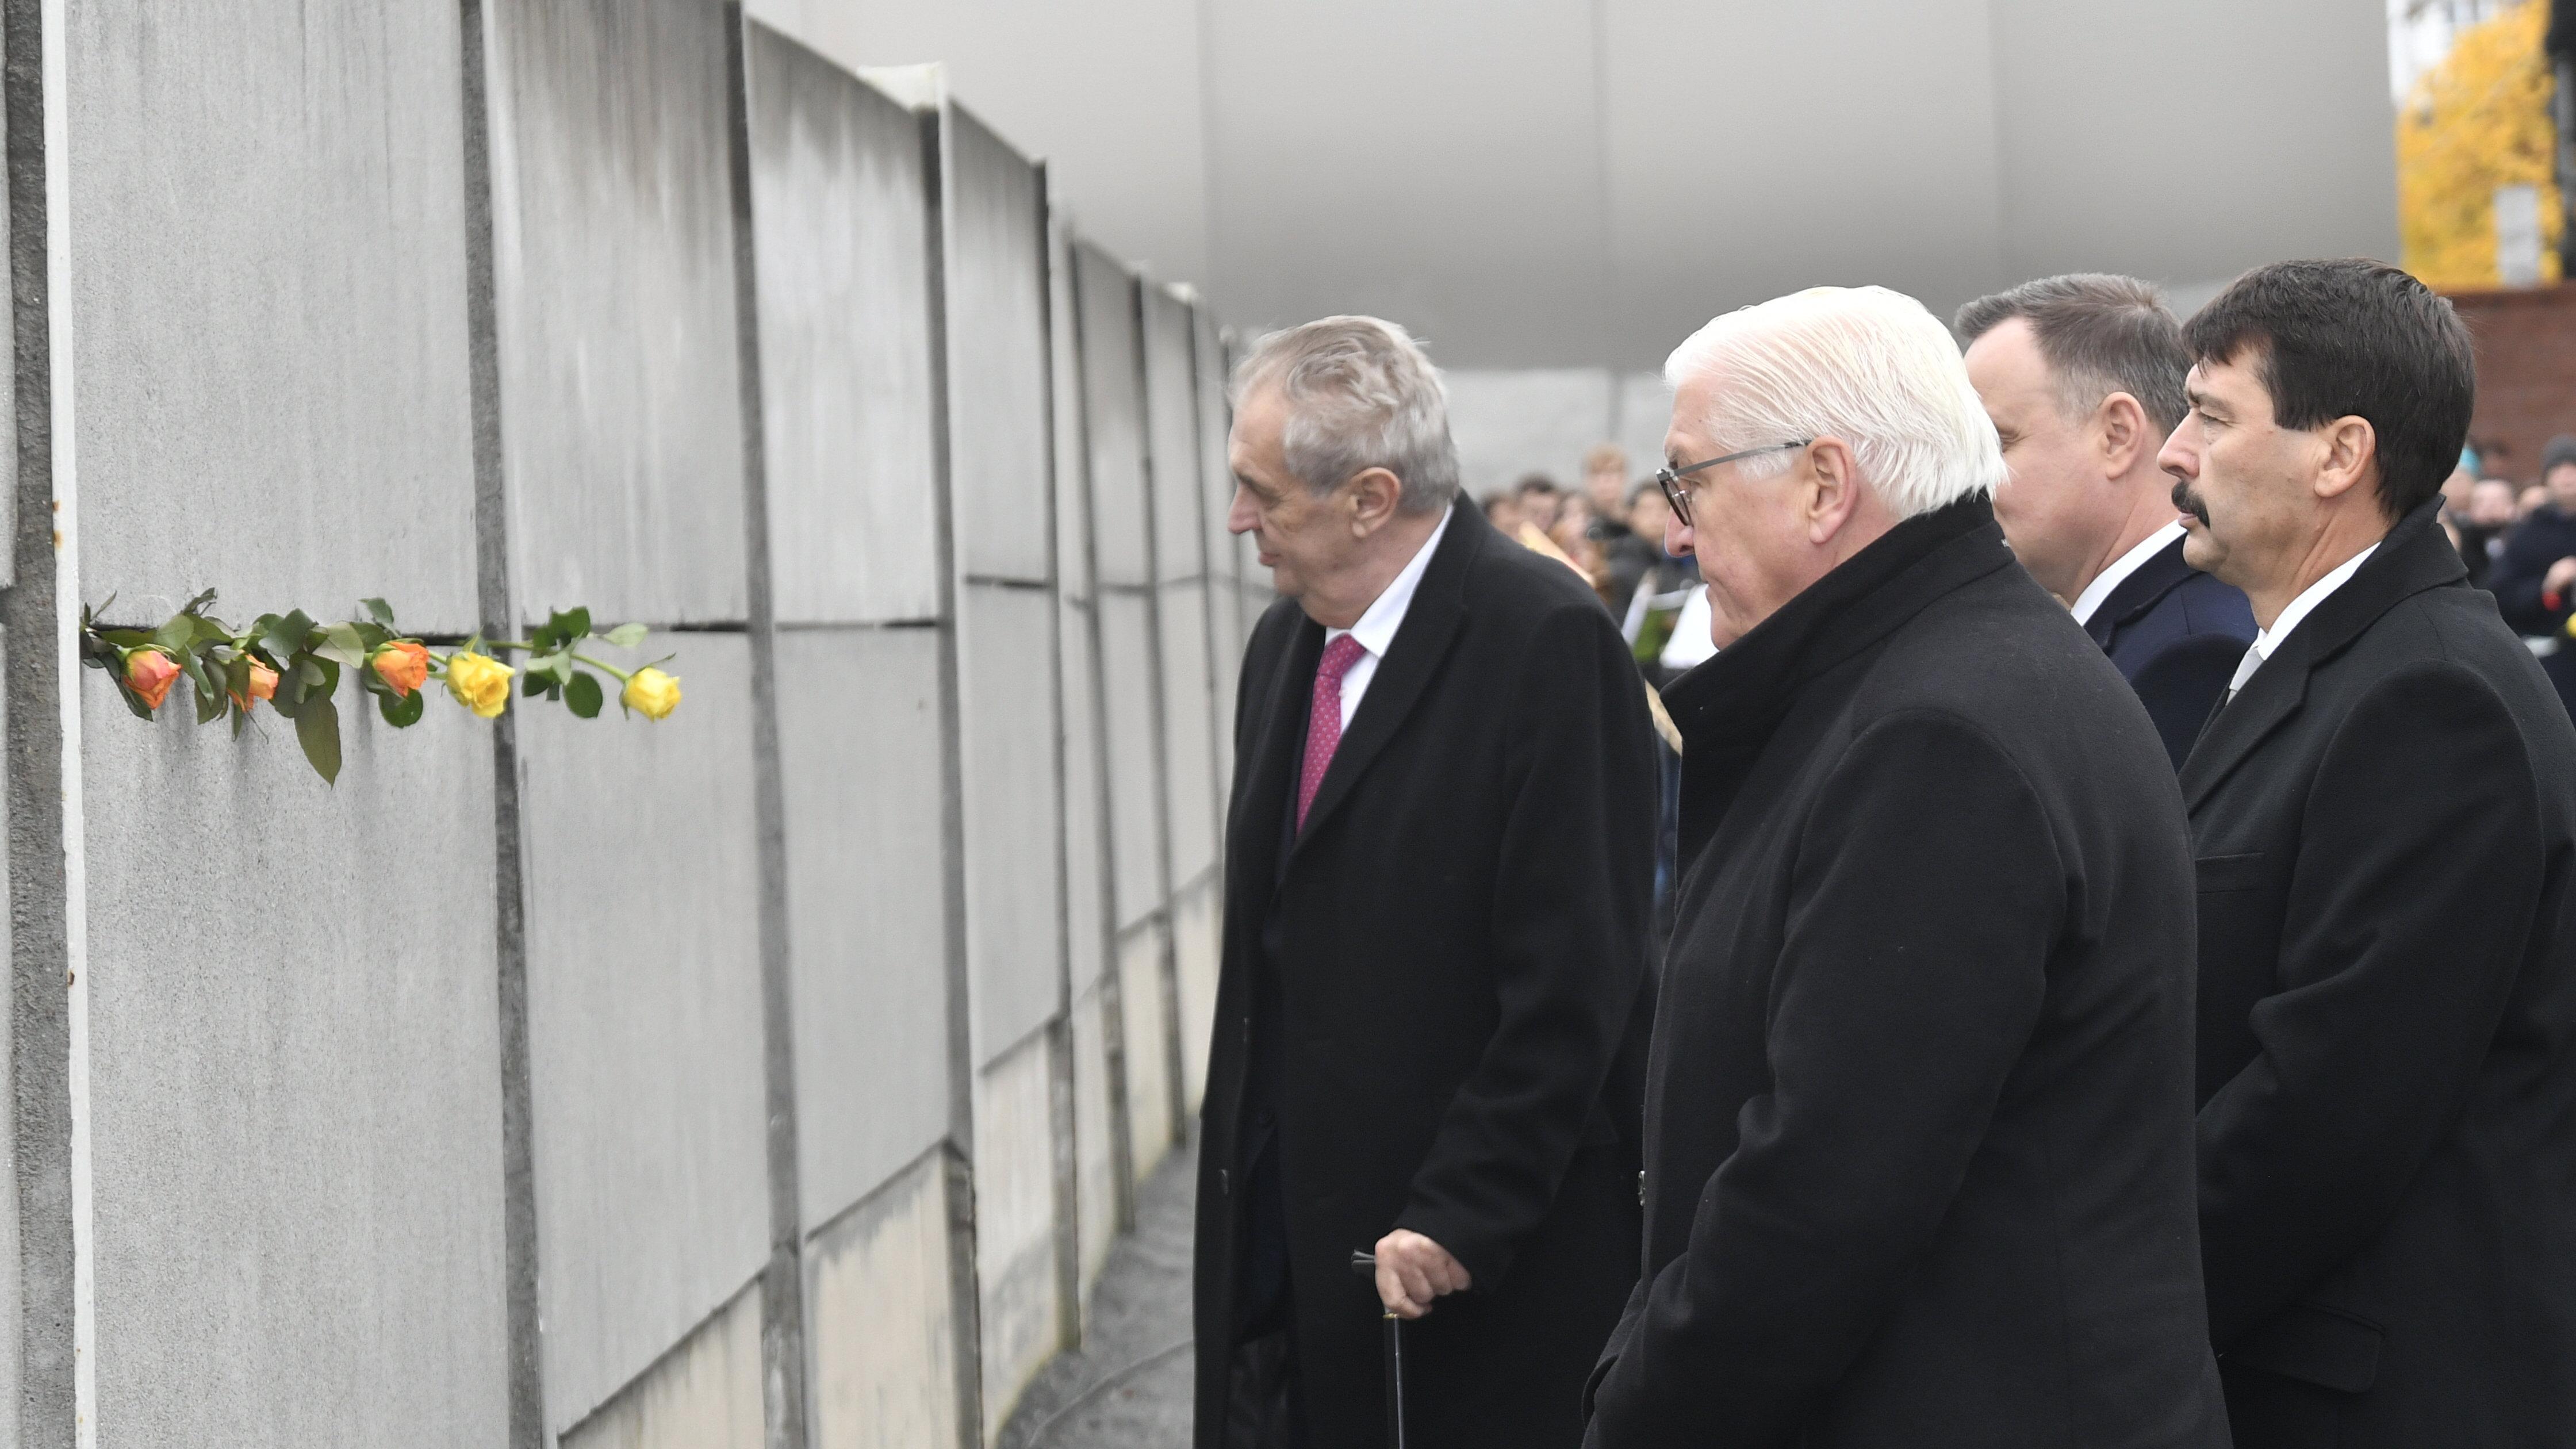 A német államfő szerint új falak épülnek Németországban, amelyeket közösen kell lebontani